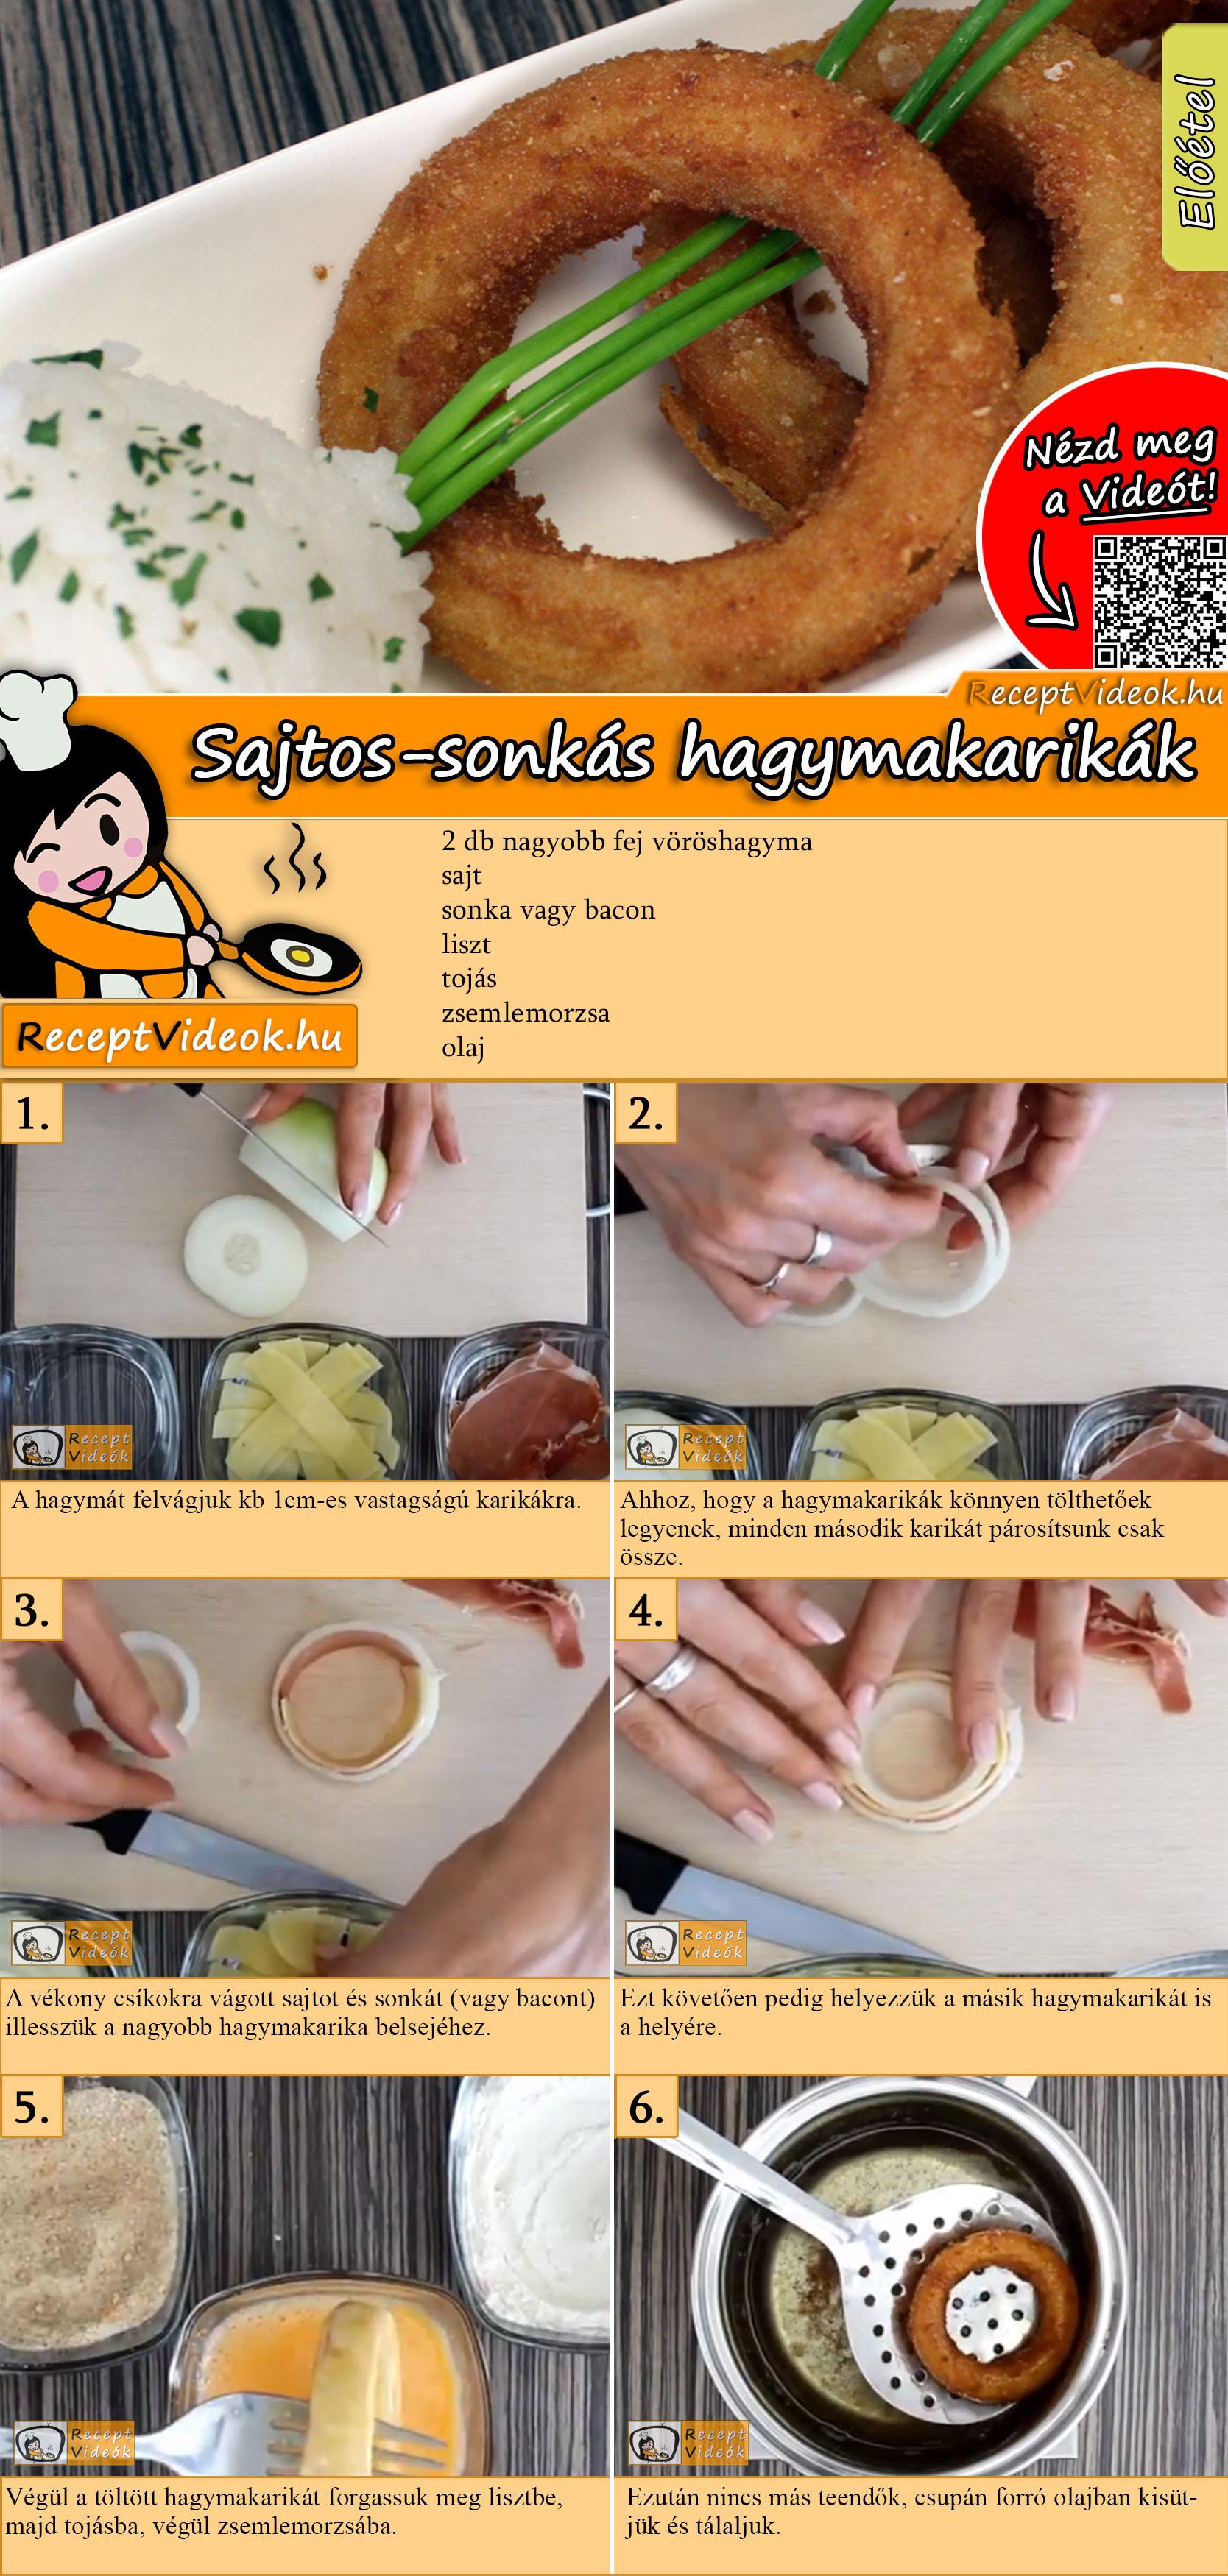 Sajtos-sonkás hagymakarikák recept elkészítése videóval